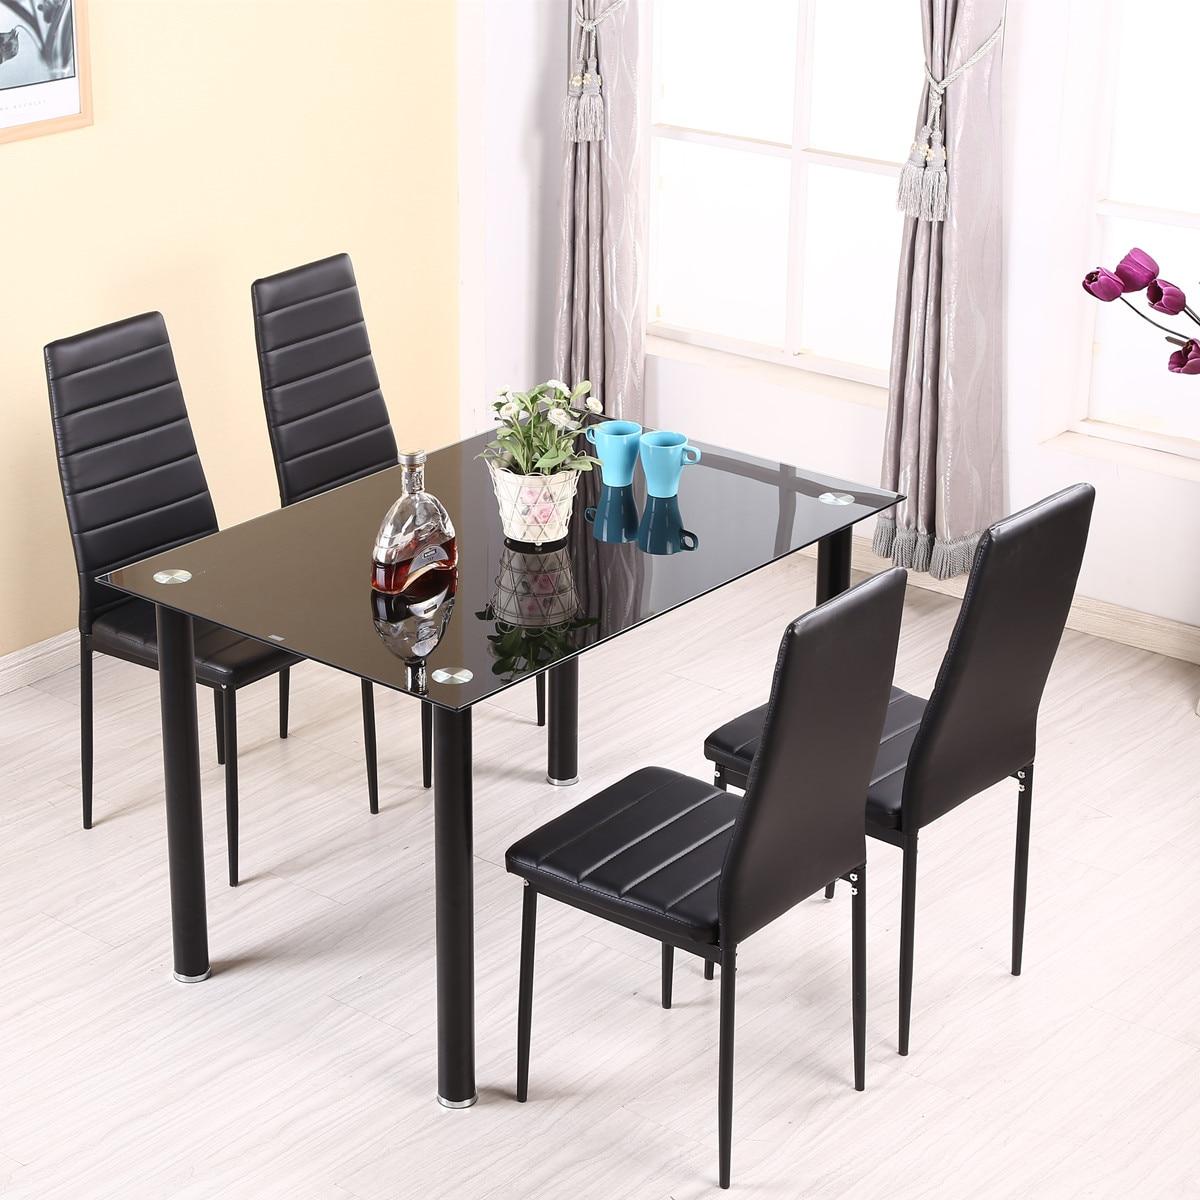 Panana mesa de jantar conjunto com 4/6 pces cadeiras couro falso alta perna de metal acolchoado assento cozinha